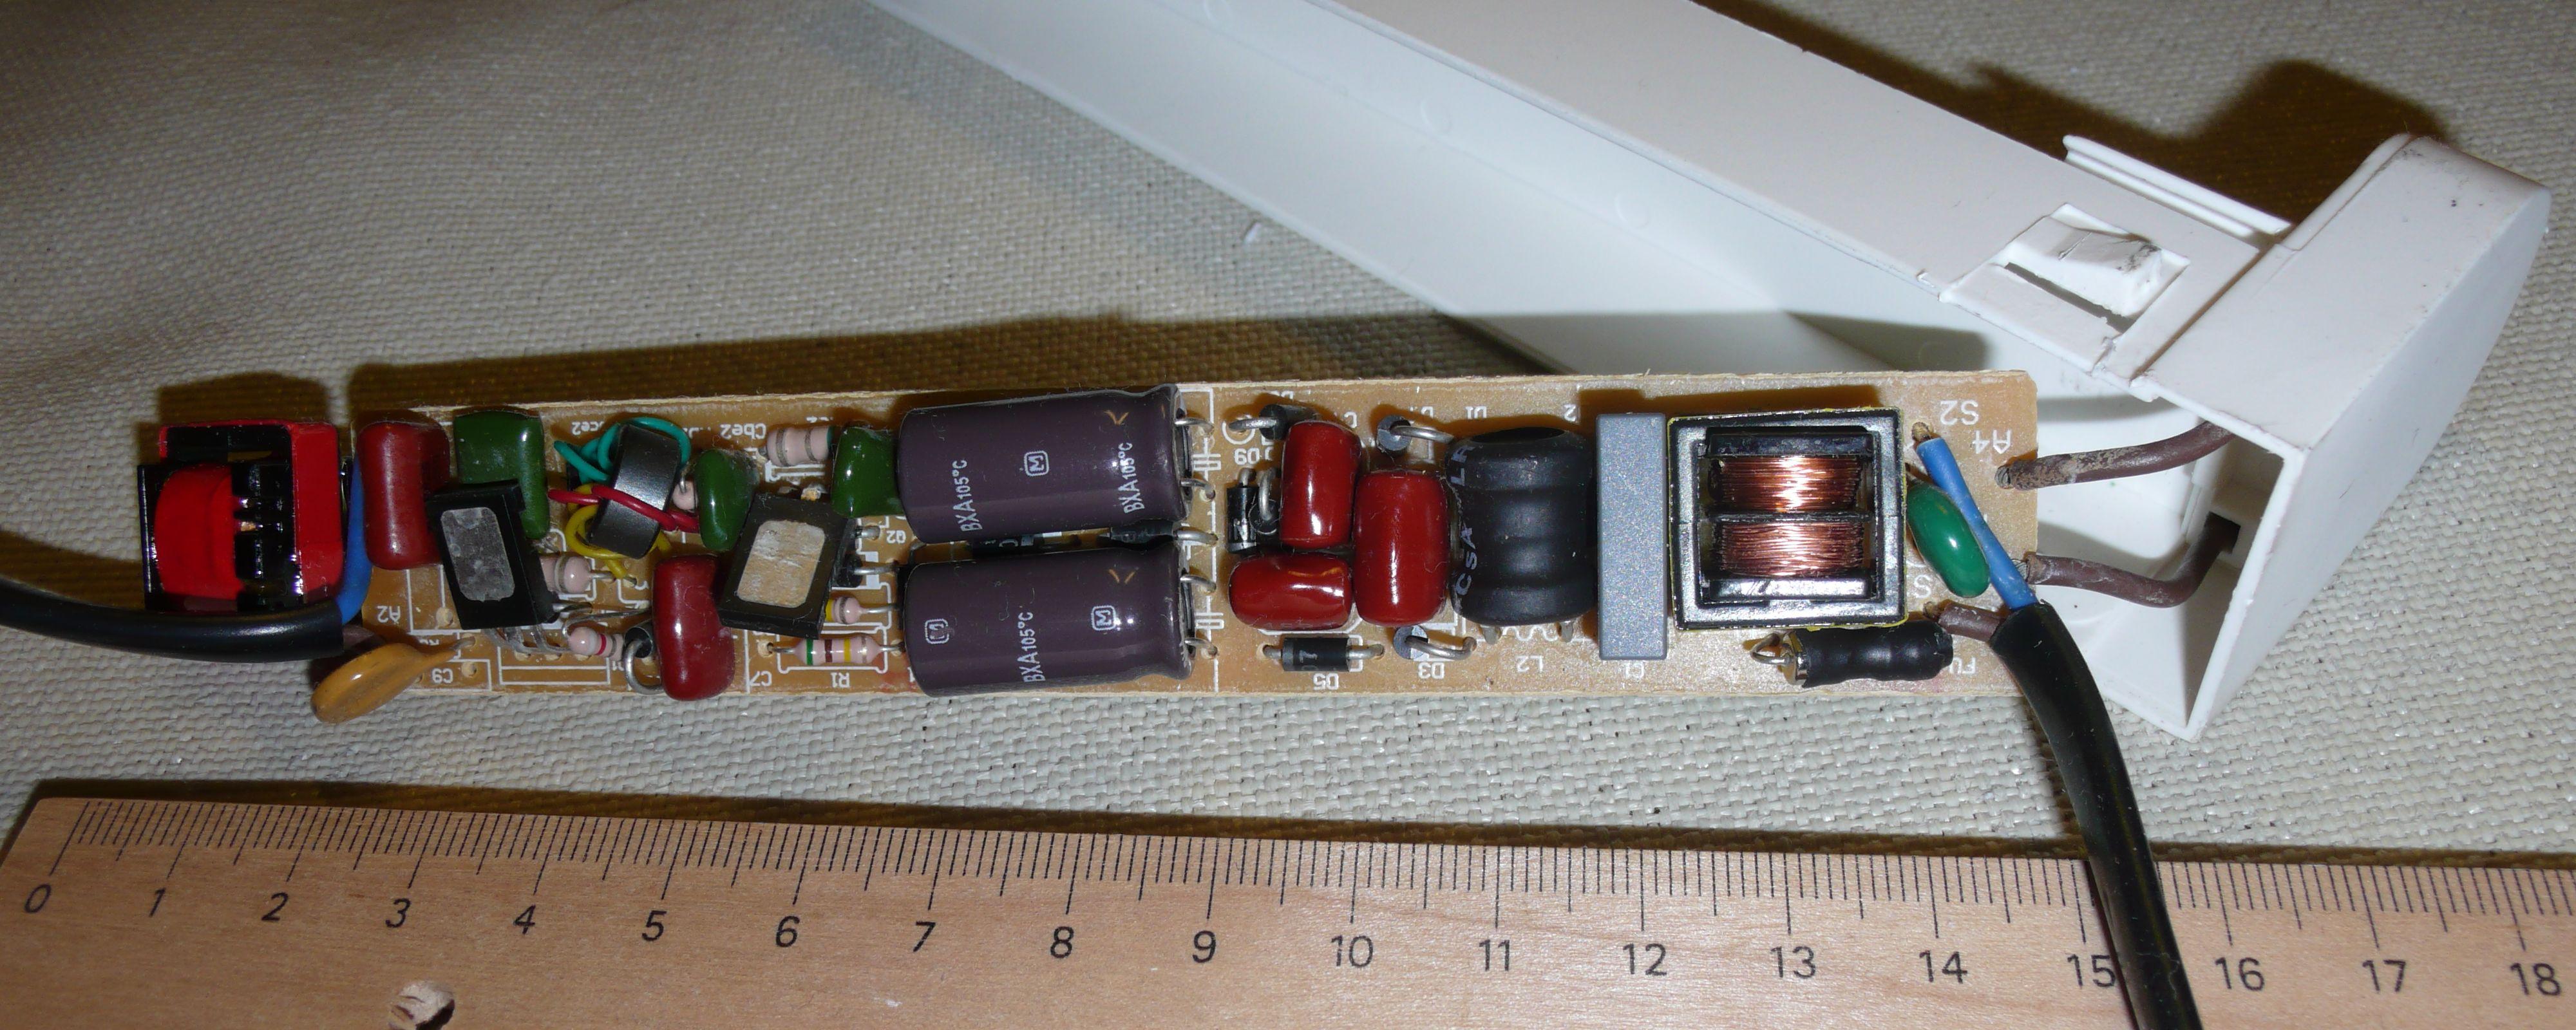 EVG geht nur mit 2 Röhren - Mikrocontroller.net